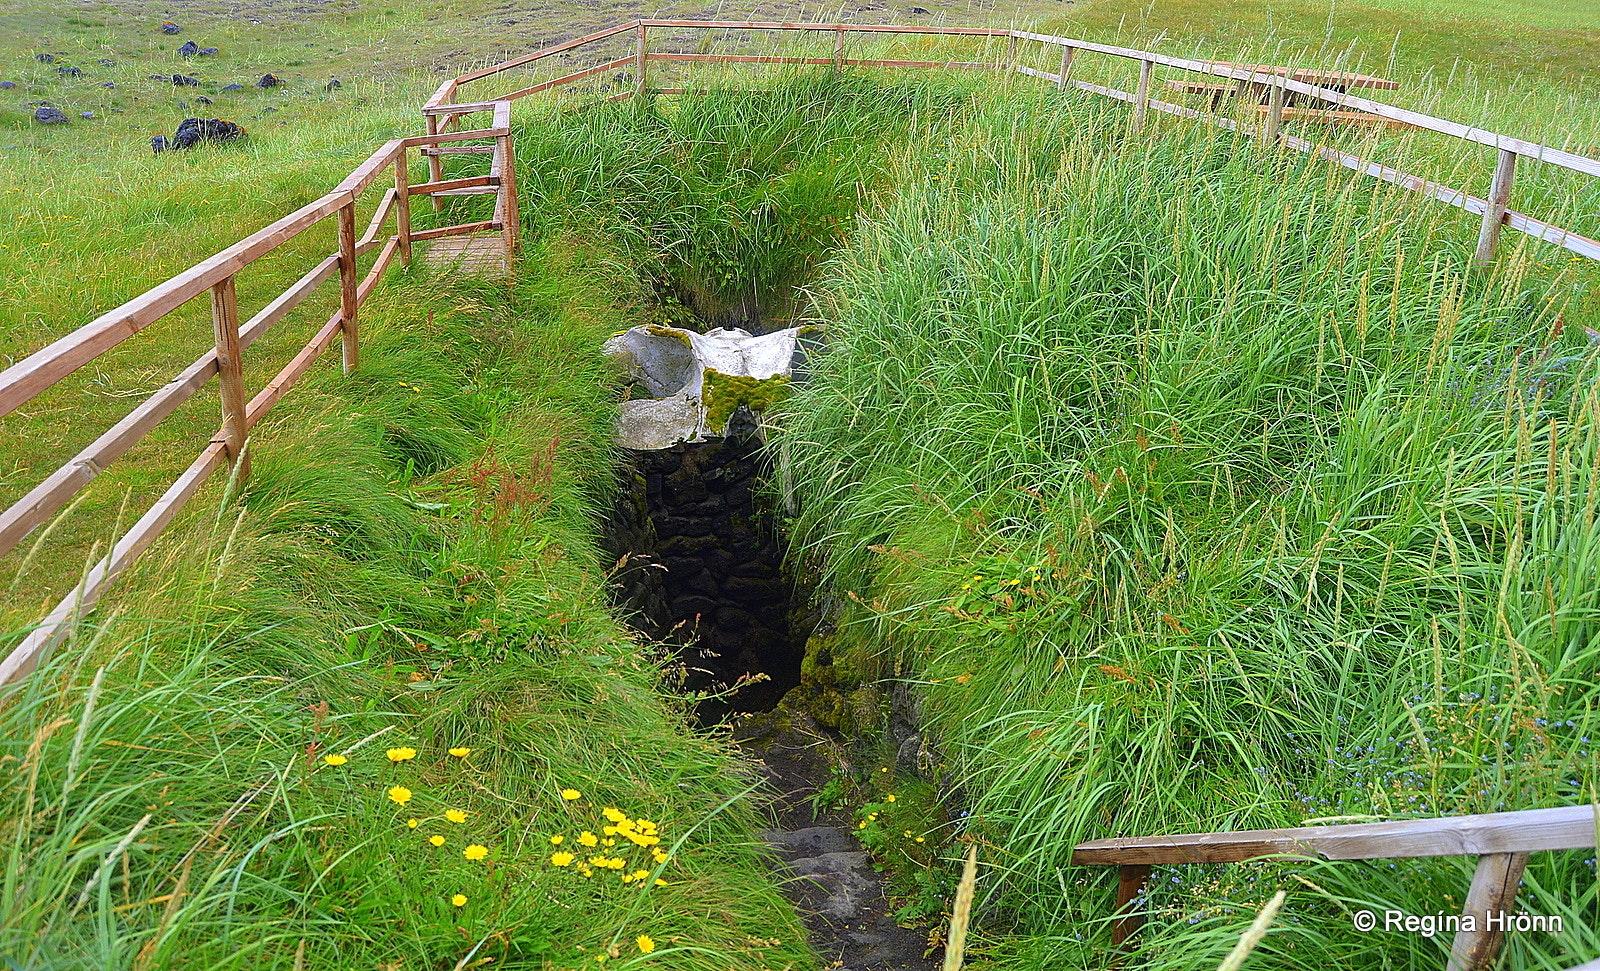 Gufuskálar & Írskrabrunnur - the Well of the Irish on Snæfellsnes Peninsula in West-Iceland